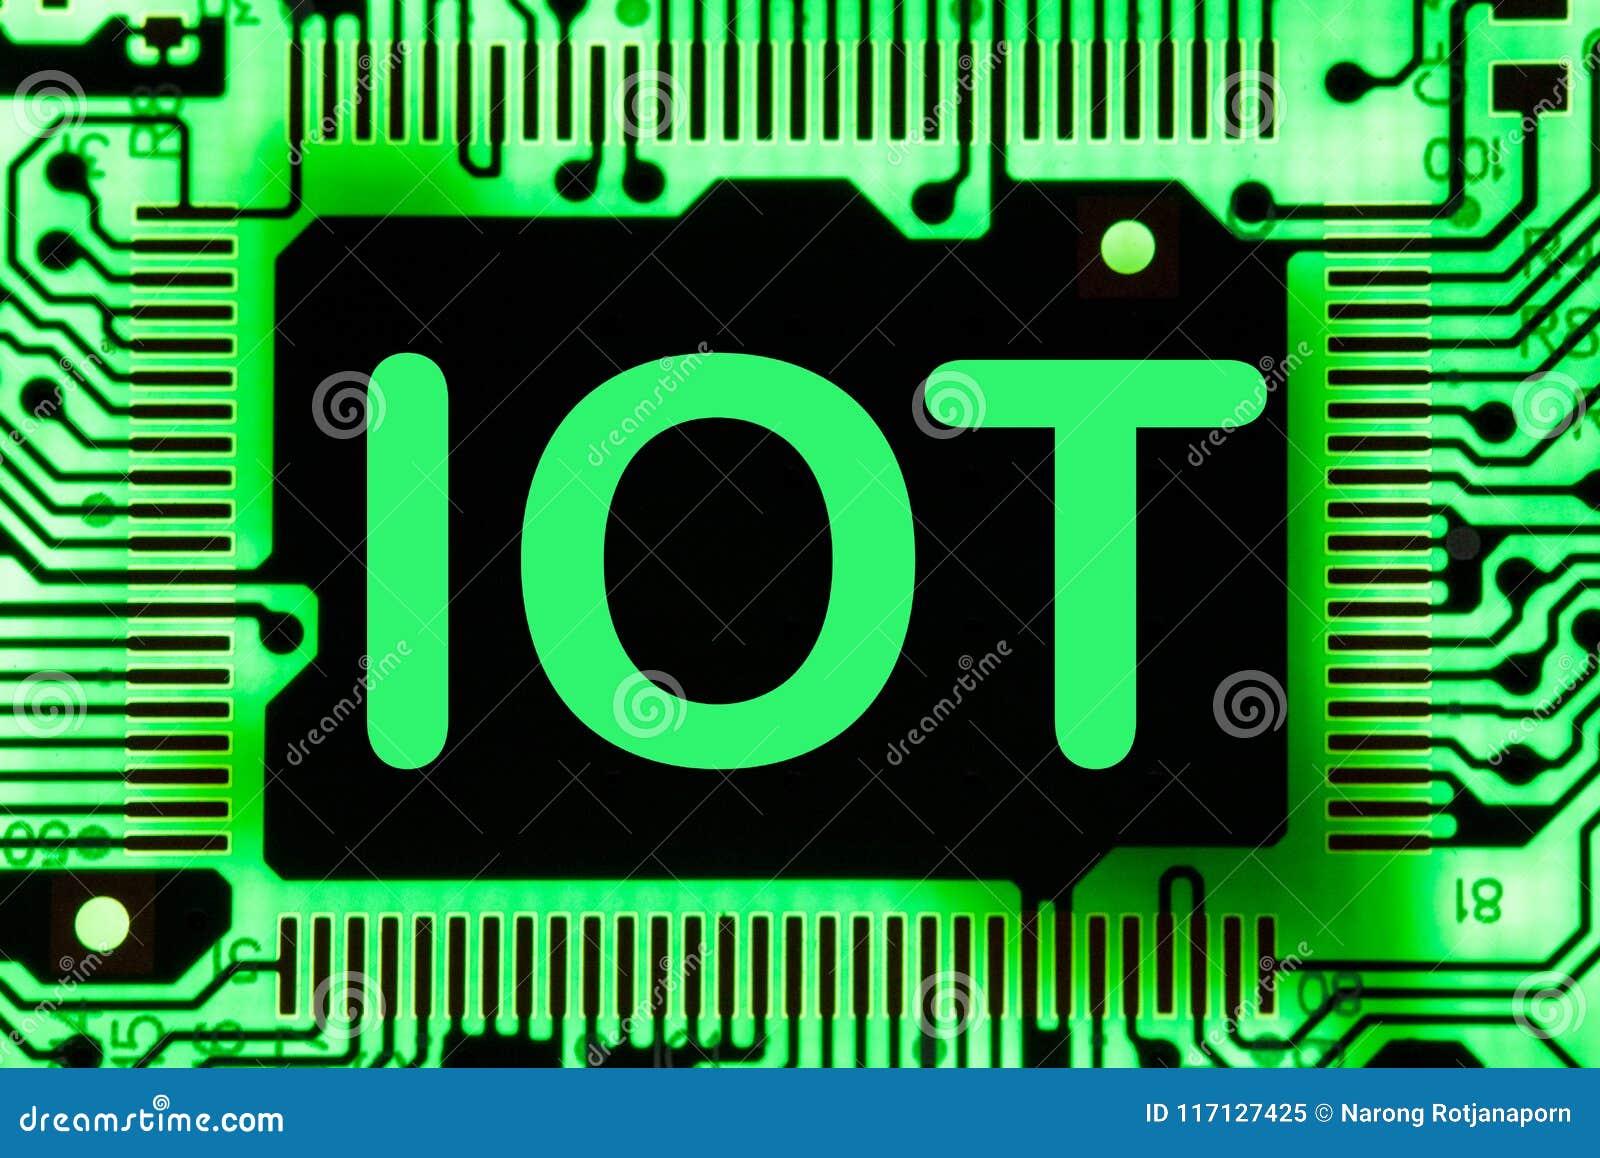 Abstrakt begrepp slut upp av bakgrund Mainboard för elektronisk dator IOT internet av saker